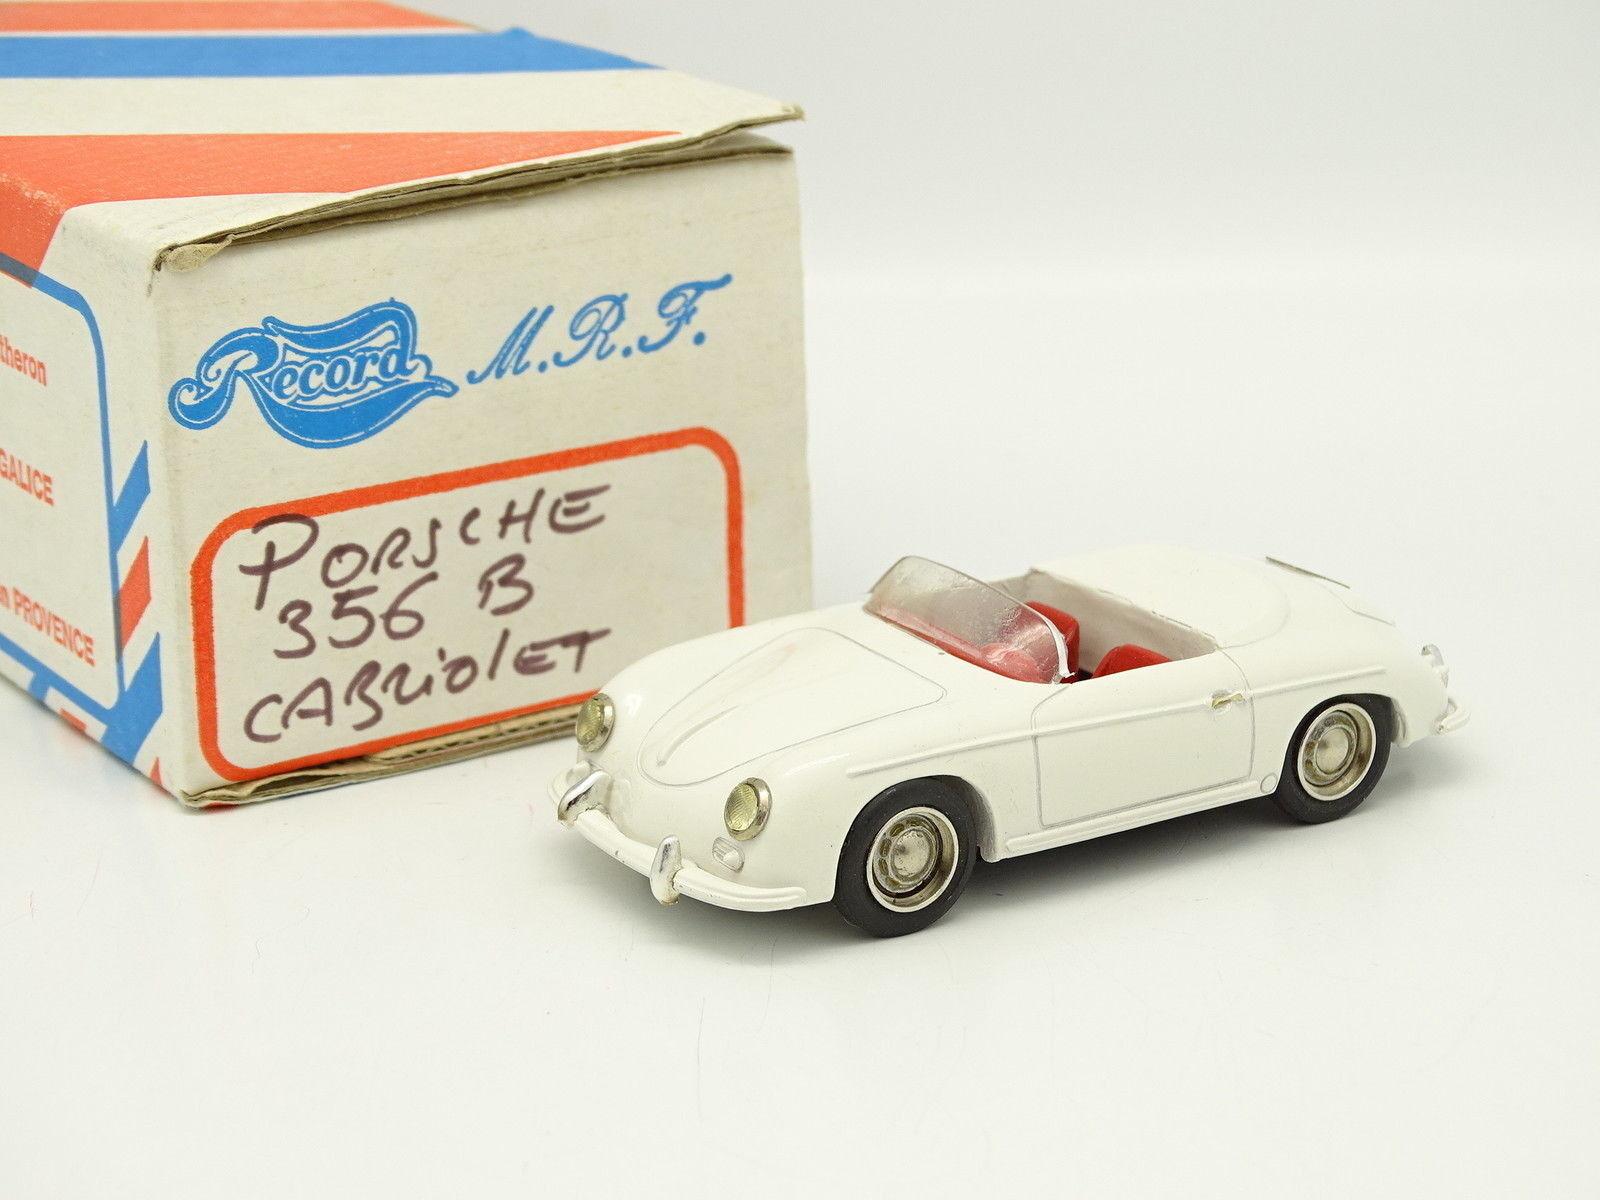 Record Kit Monté 1 43 - Porsche 356 B cabriplet Blanche